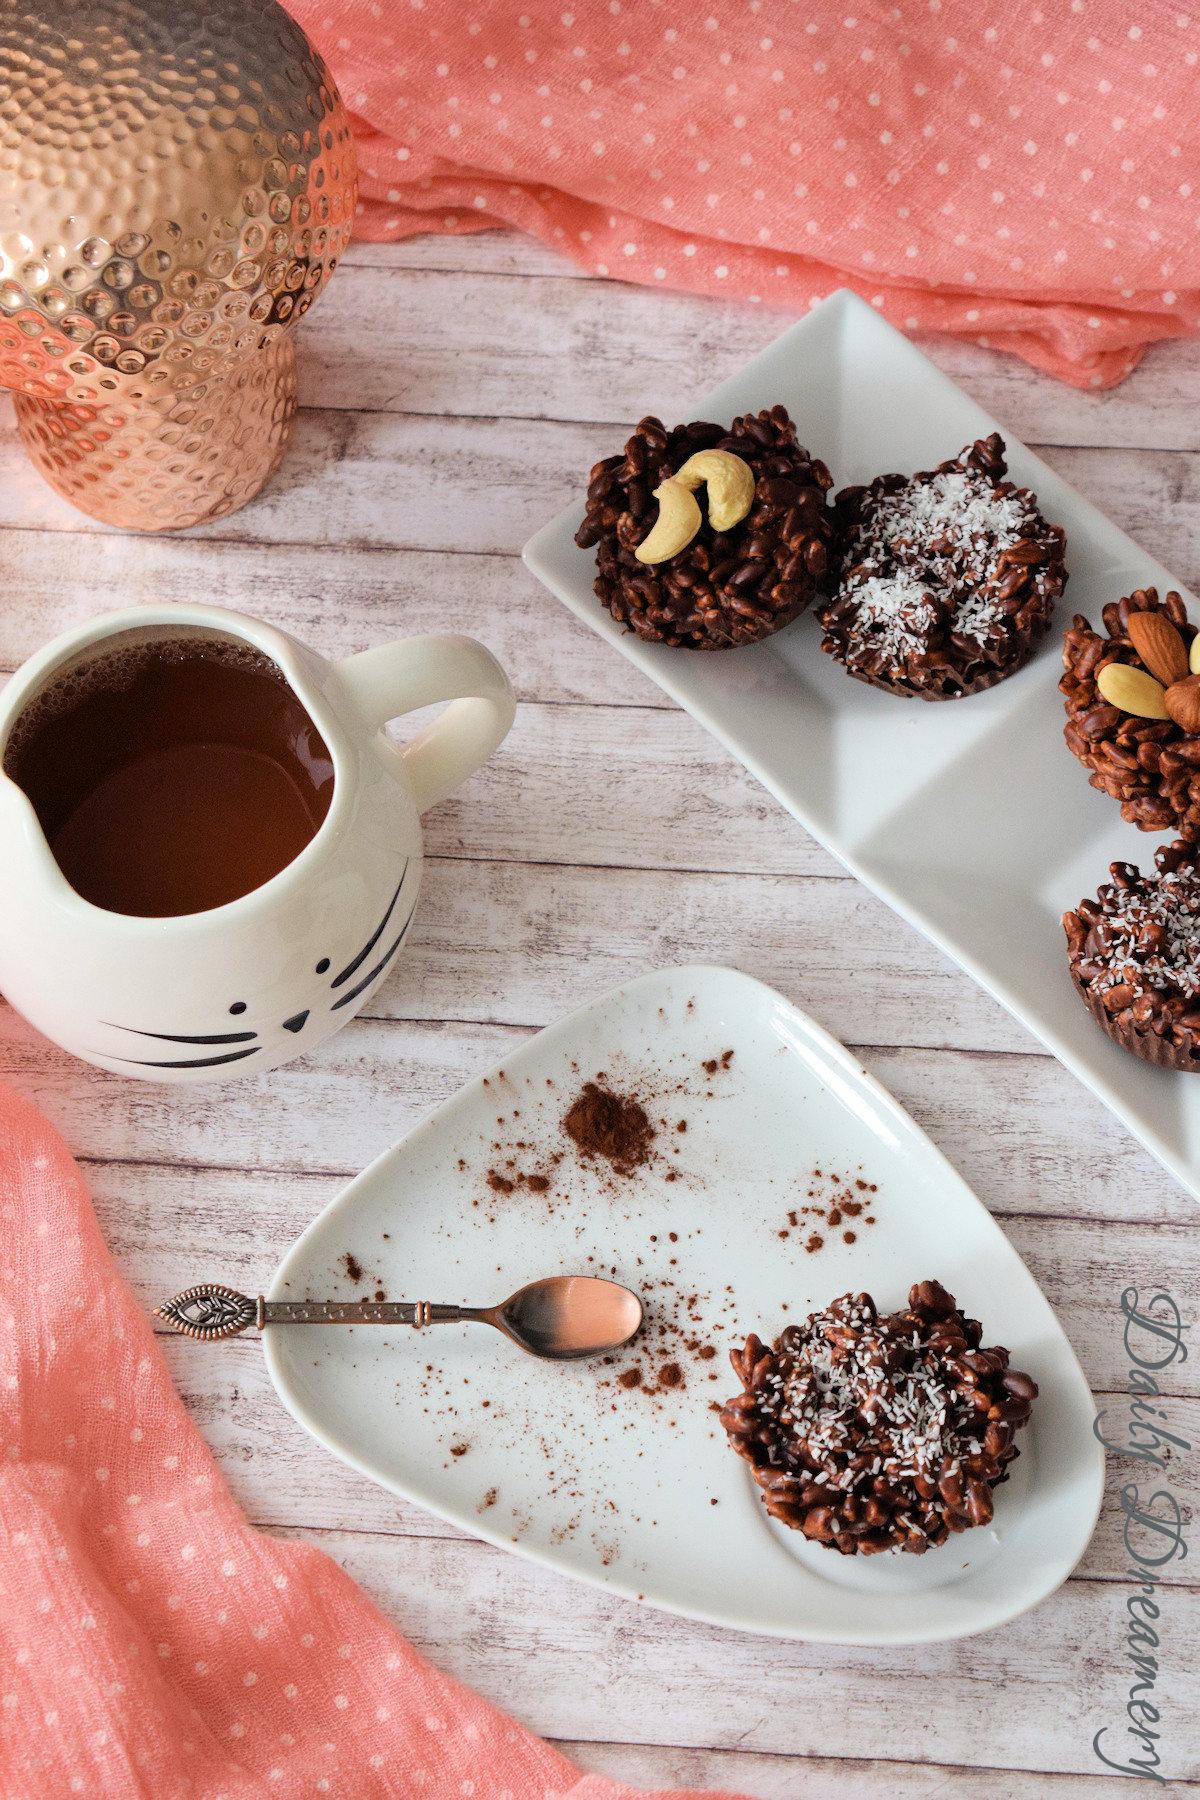 Rezept für leckeren veganen Schoko-Puffreis #vegan #schokolade #lecker